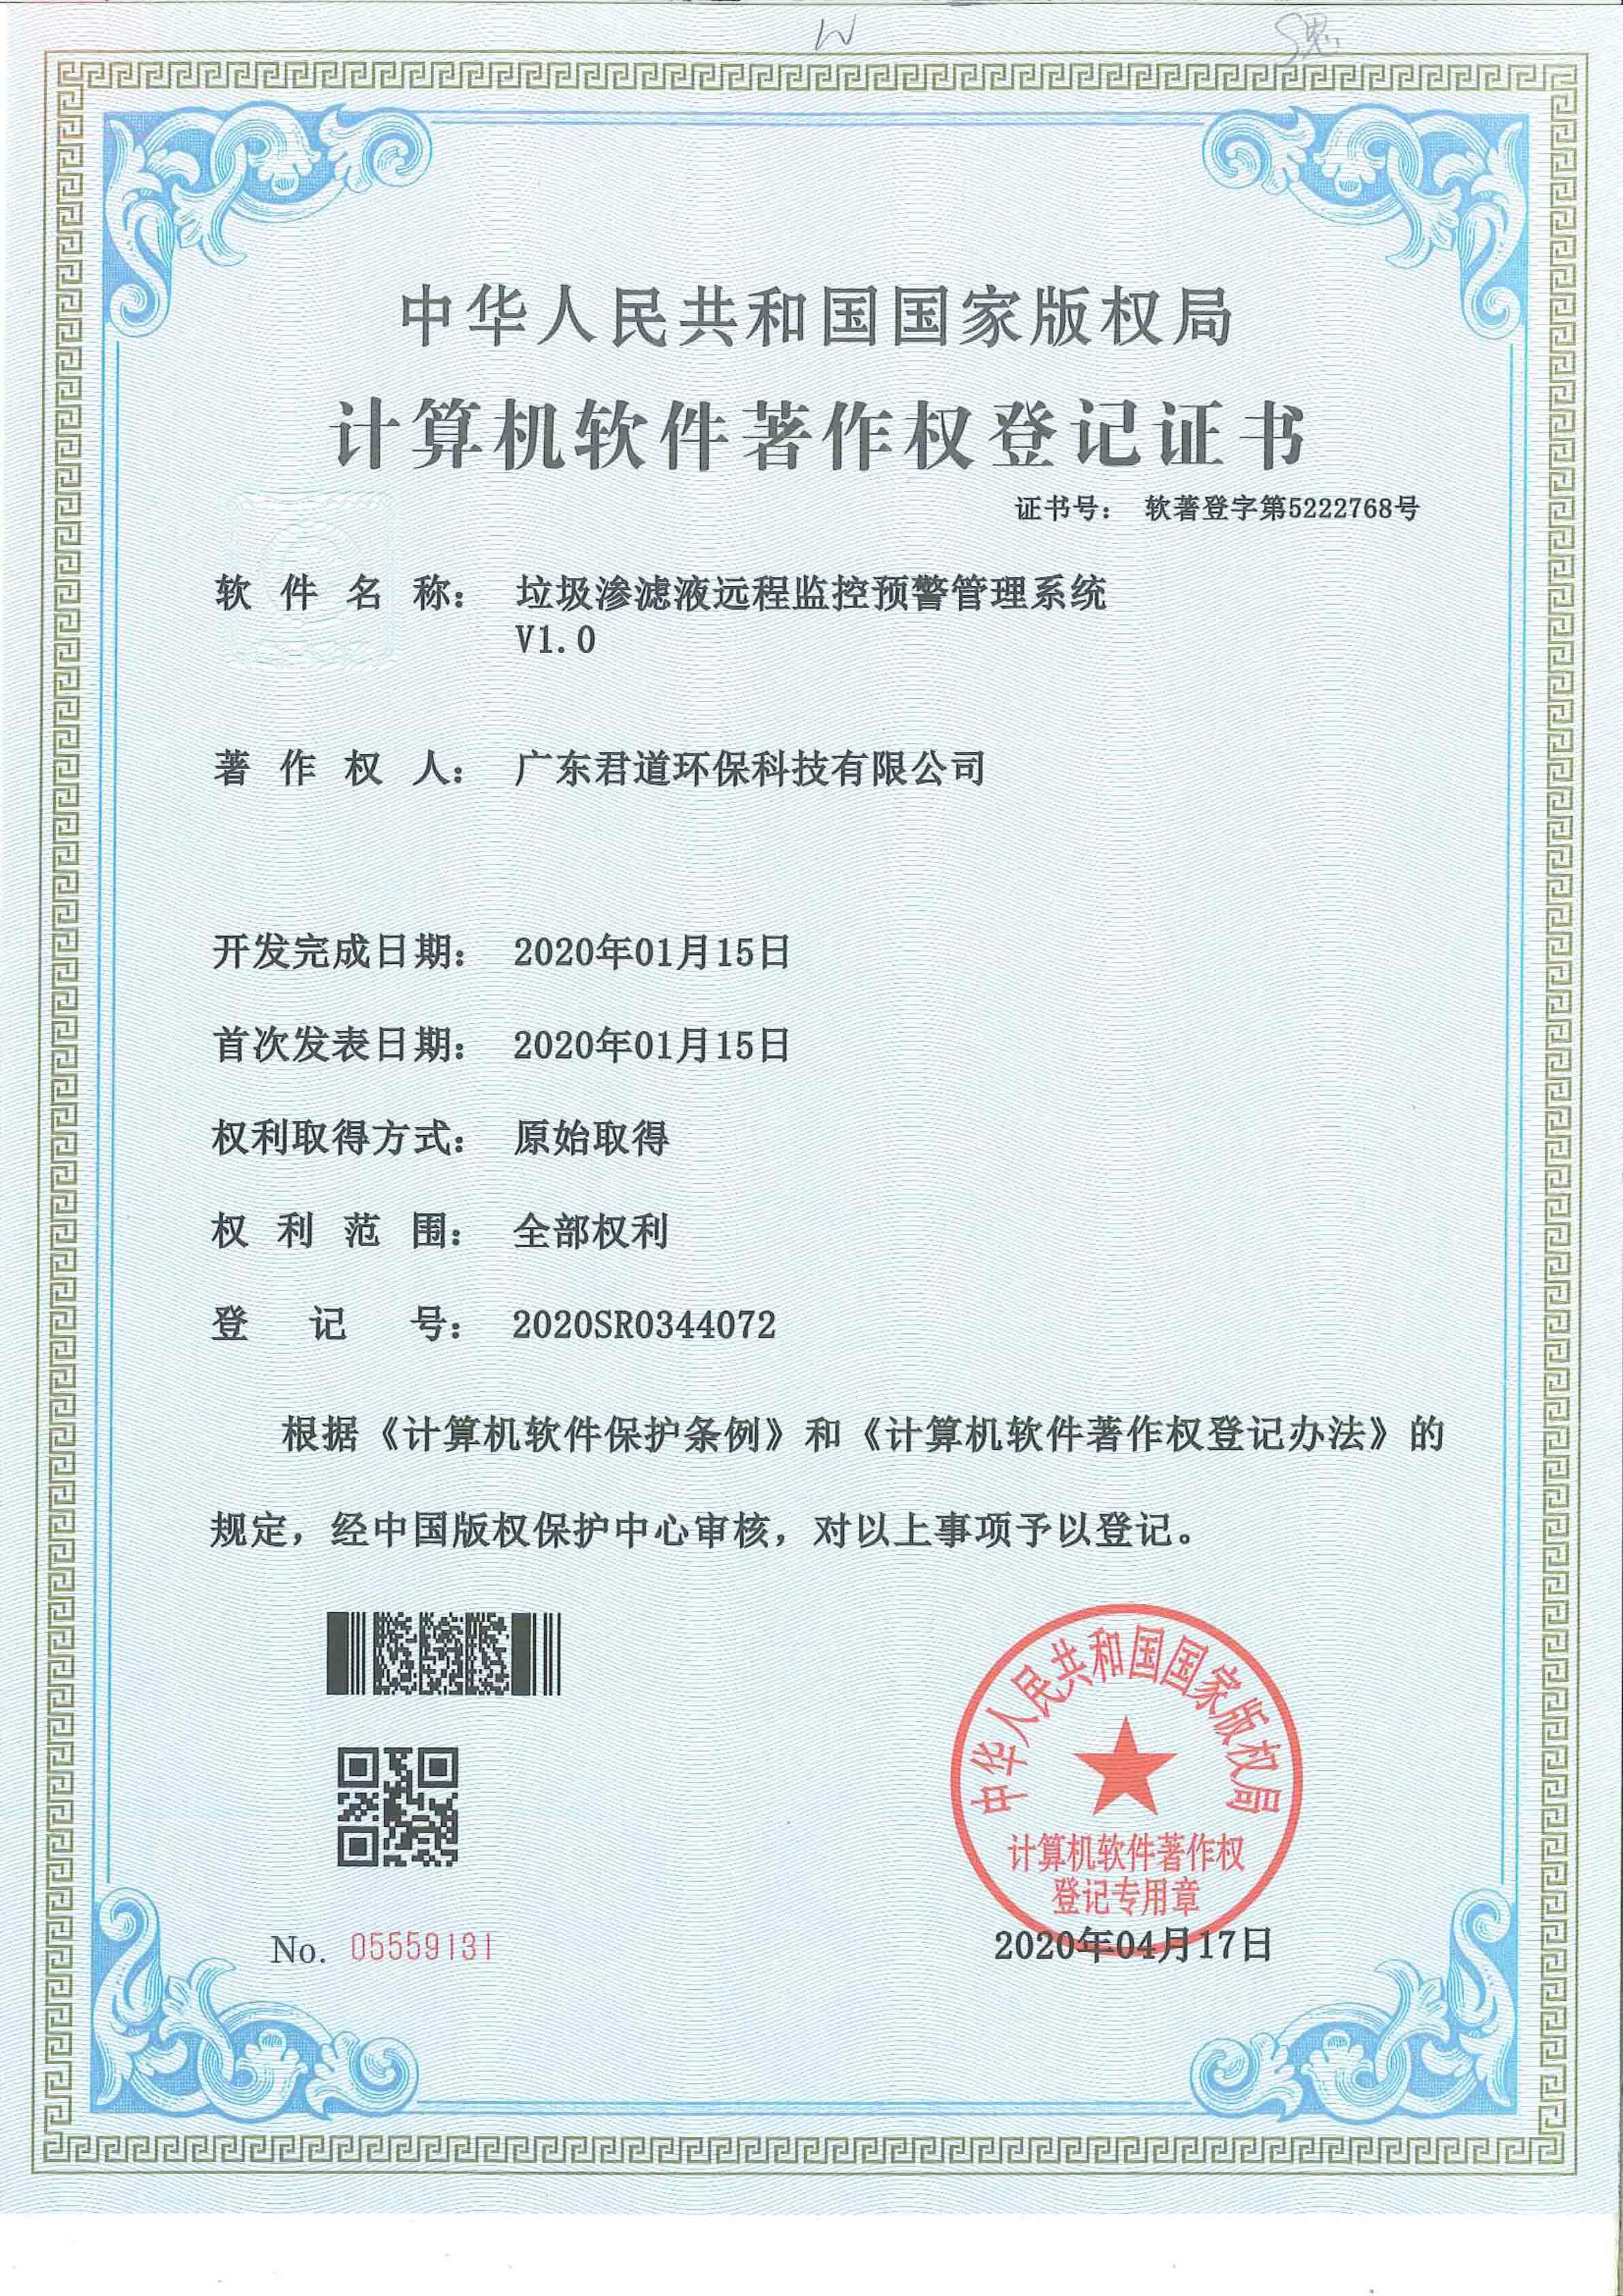 垃圾渗滤液远程监控预警管理系统软著证书